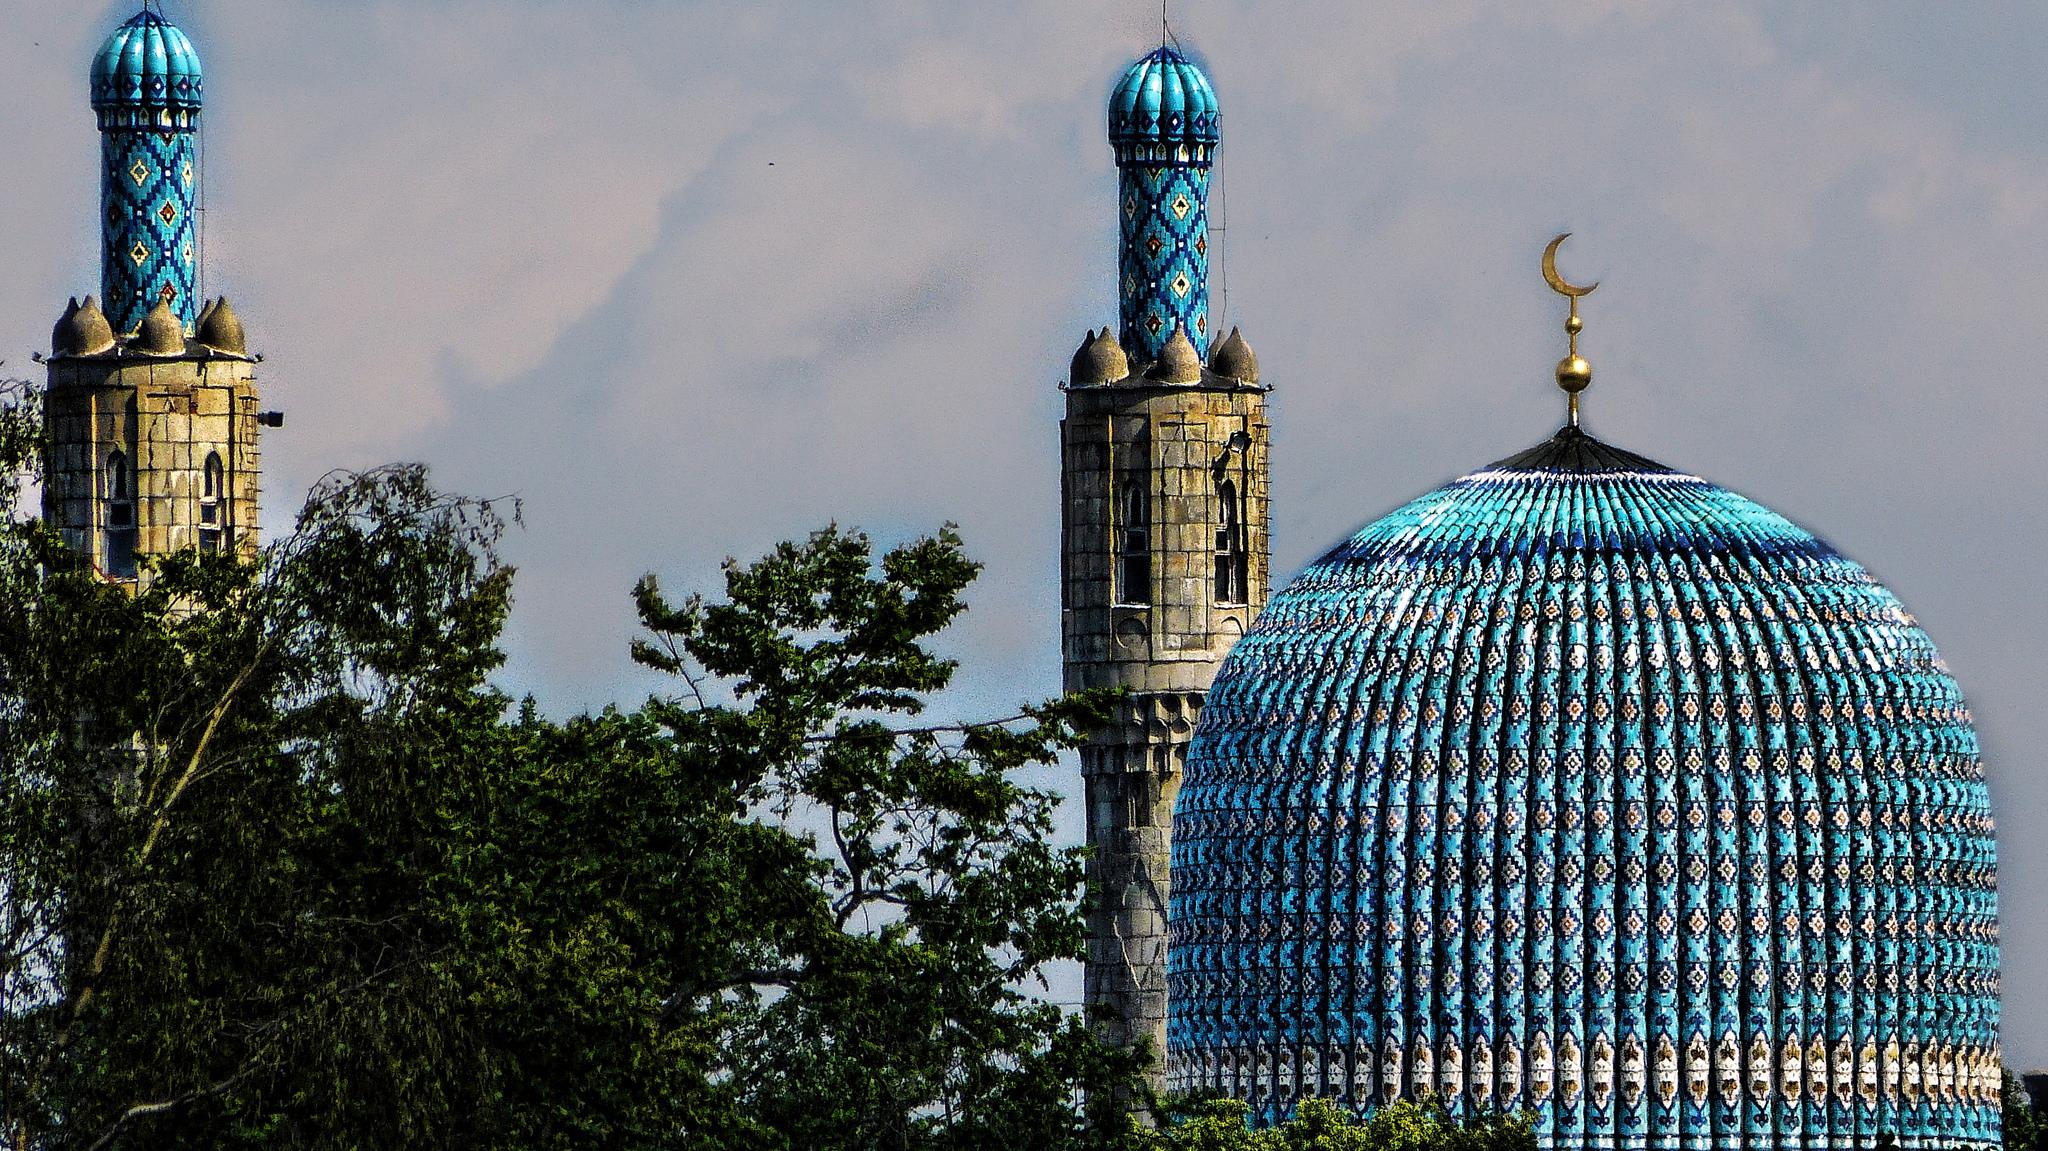 Галерея из десяти уникальных российских мечетей, от Москвы до самого северного города в мире.